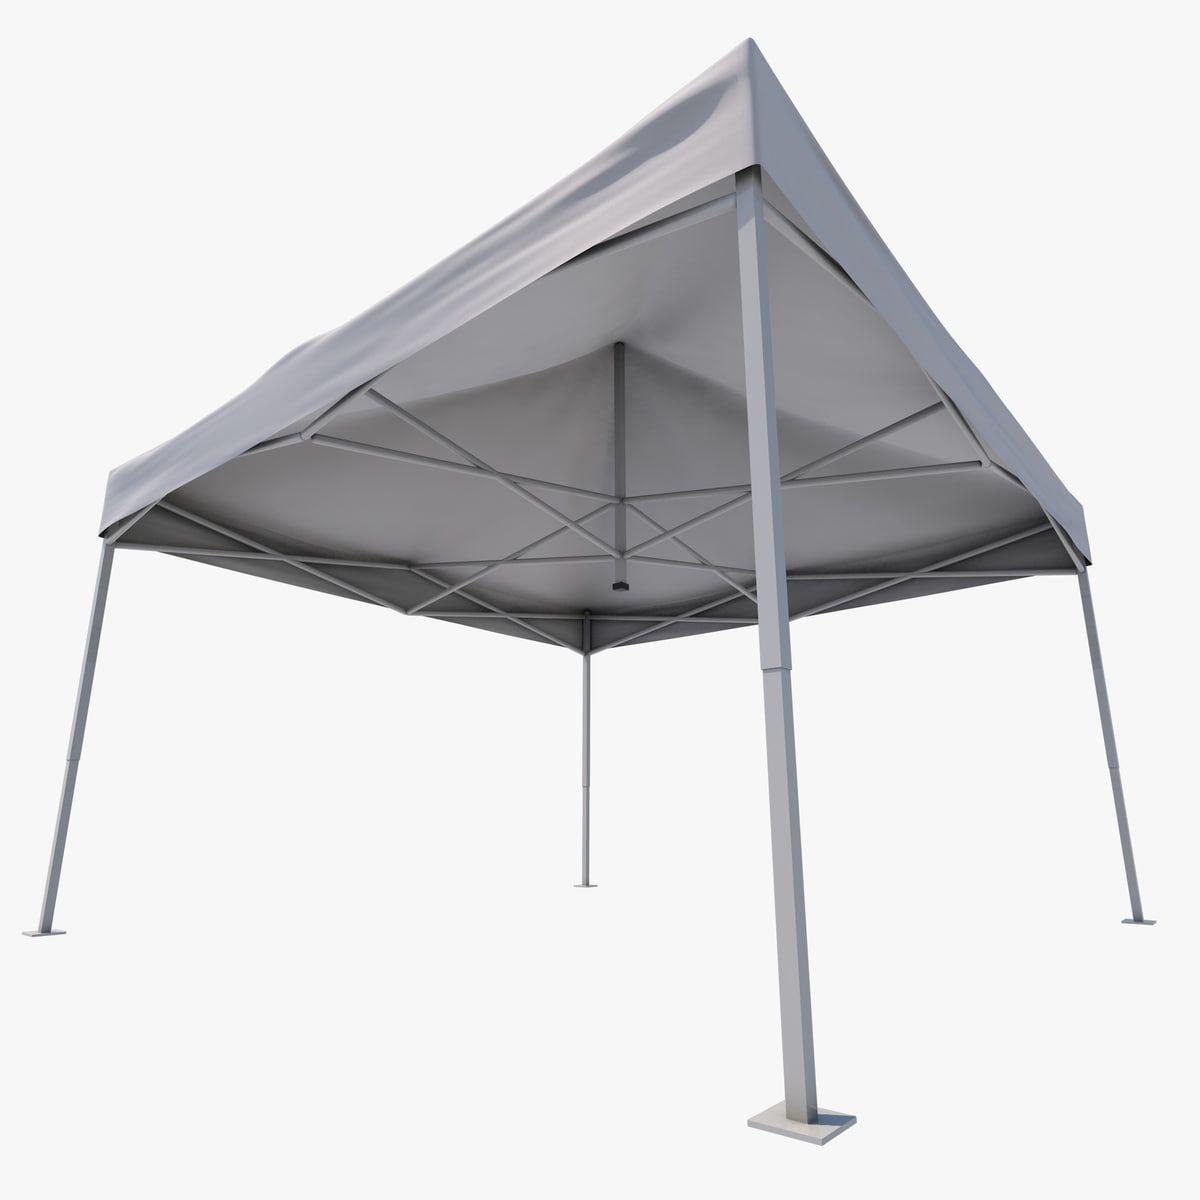 3D Event Tent - 3D Model & 3D Event Tent - 3D Model | 3D-Modeling | Pinterest | 3d